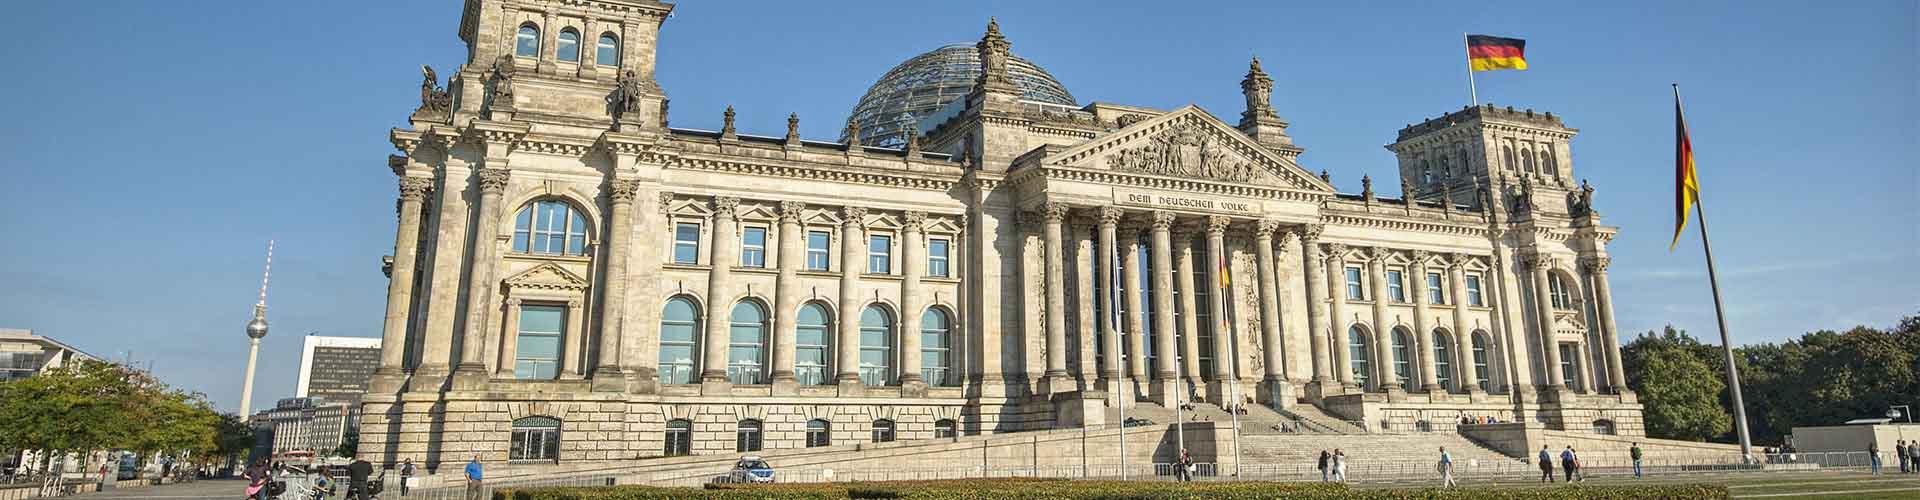 Berlín - Campamentos cerca a Edificio del Reichstag. Mapas de Berlín, Fotos y comentarios de cada Campamento en Berlín.